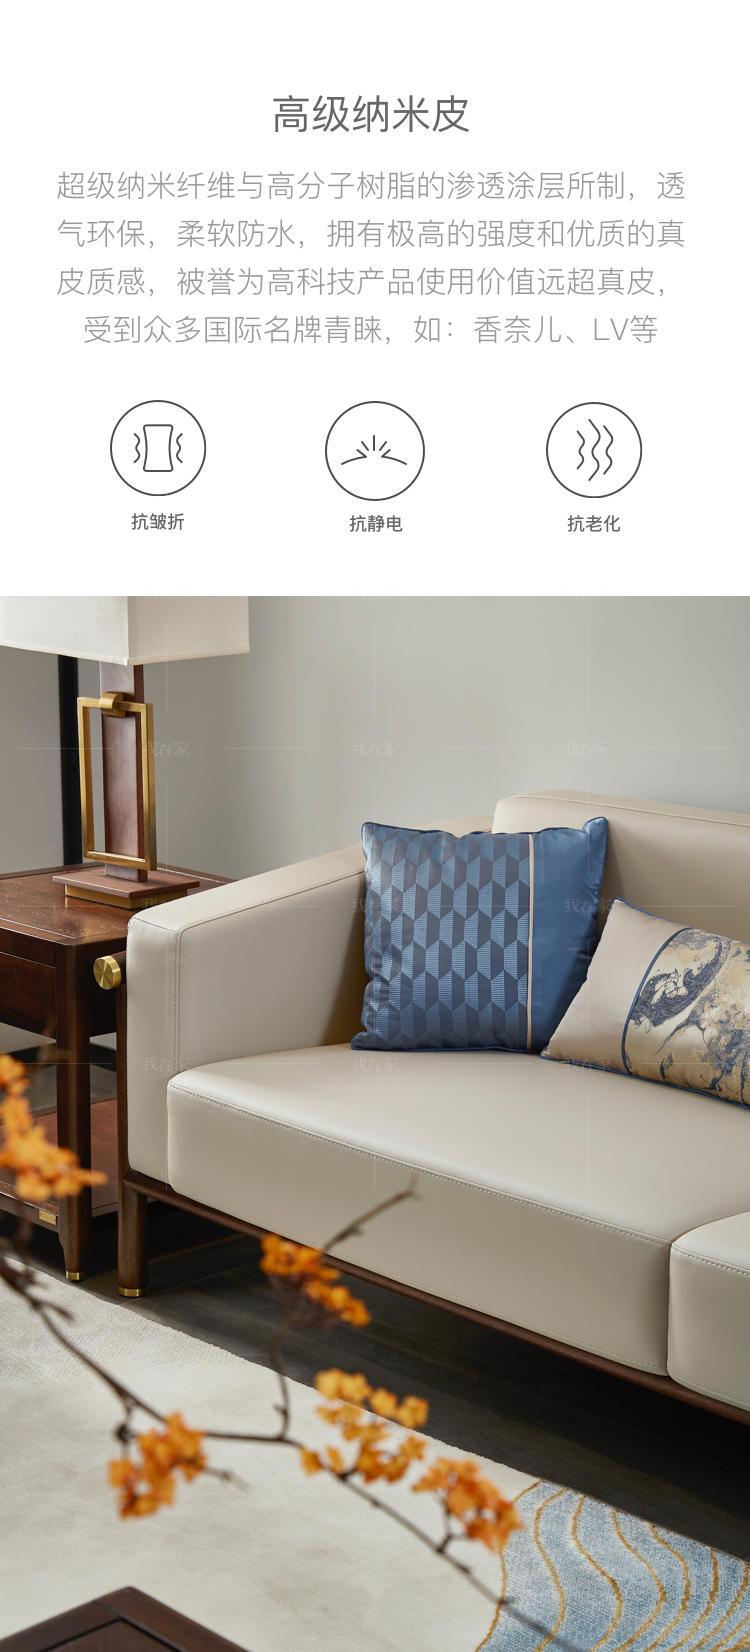 新中式风格江南沙发的家具详细介绍